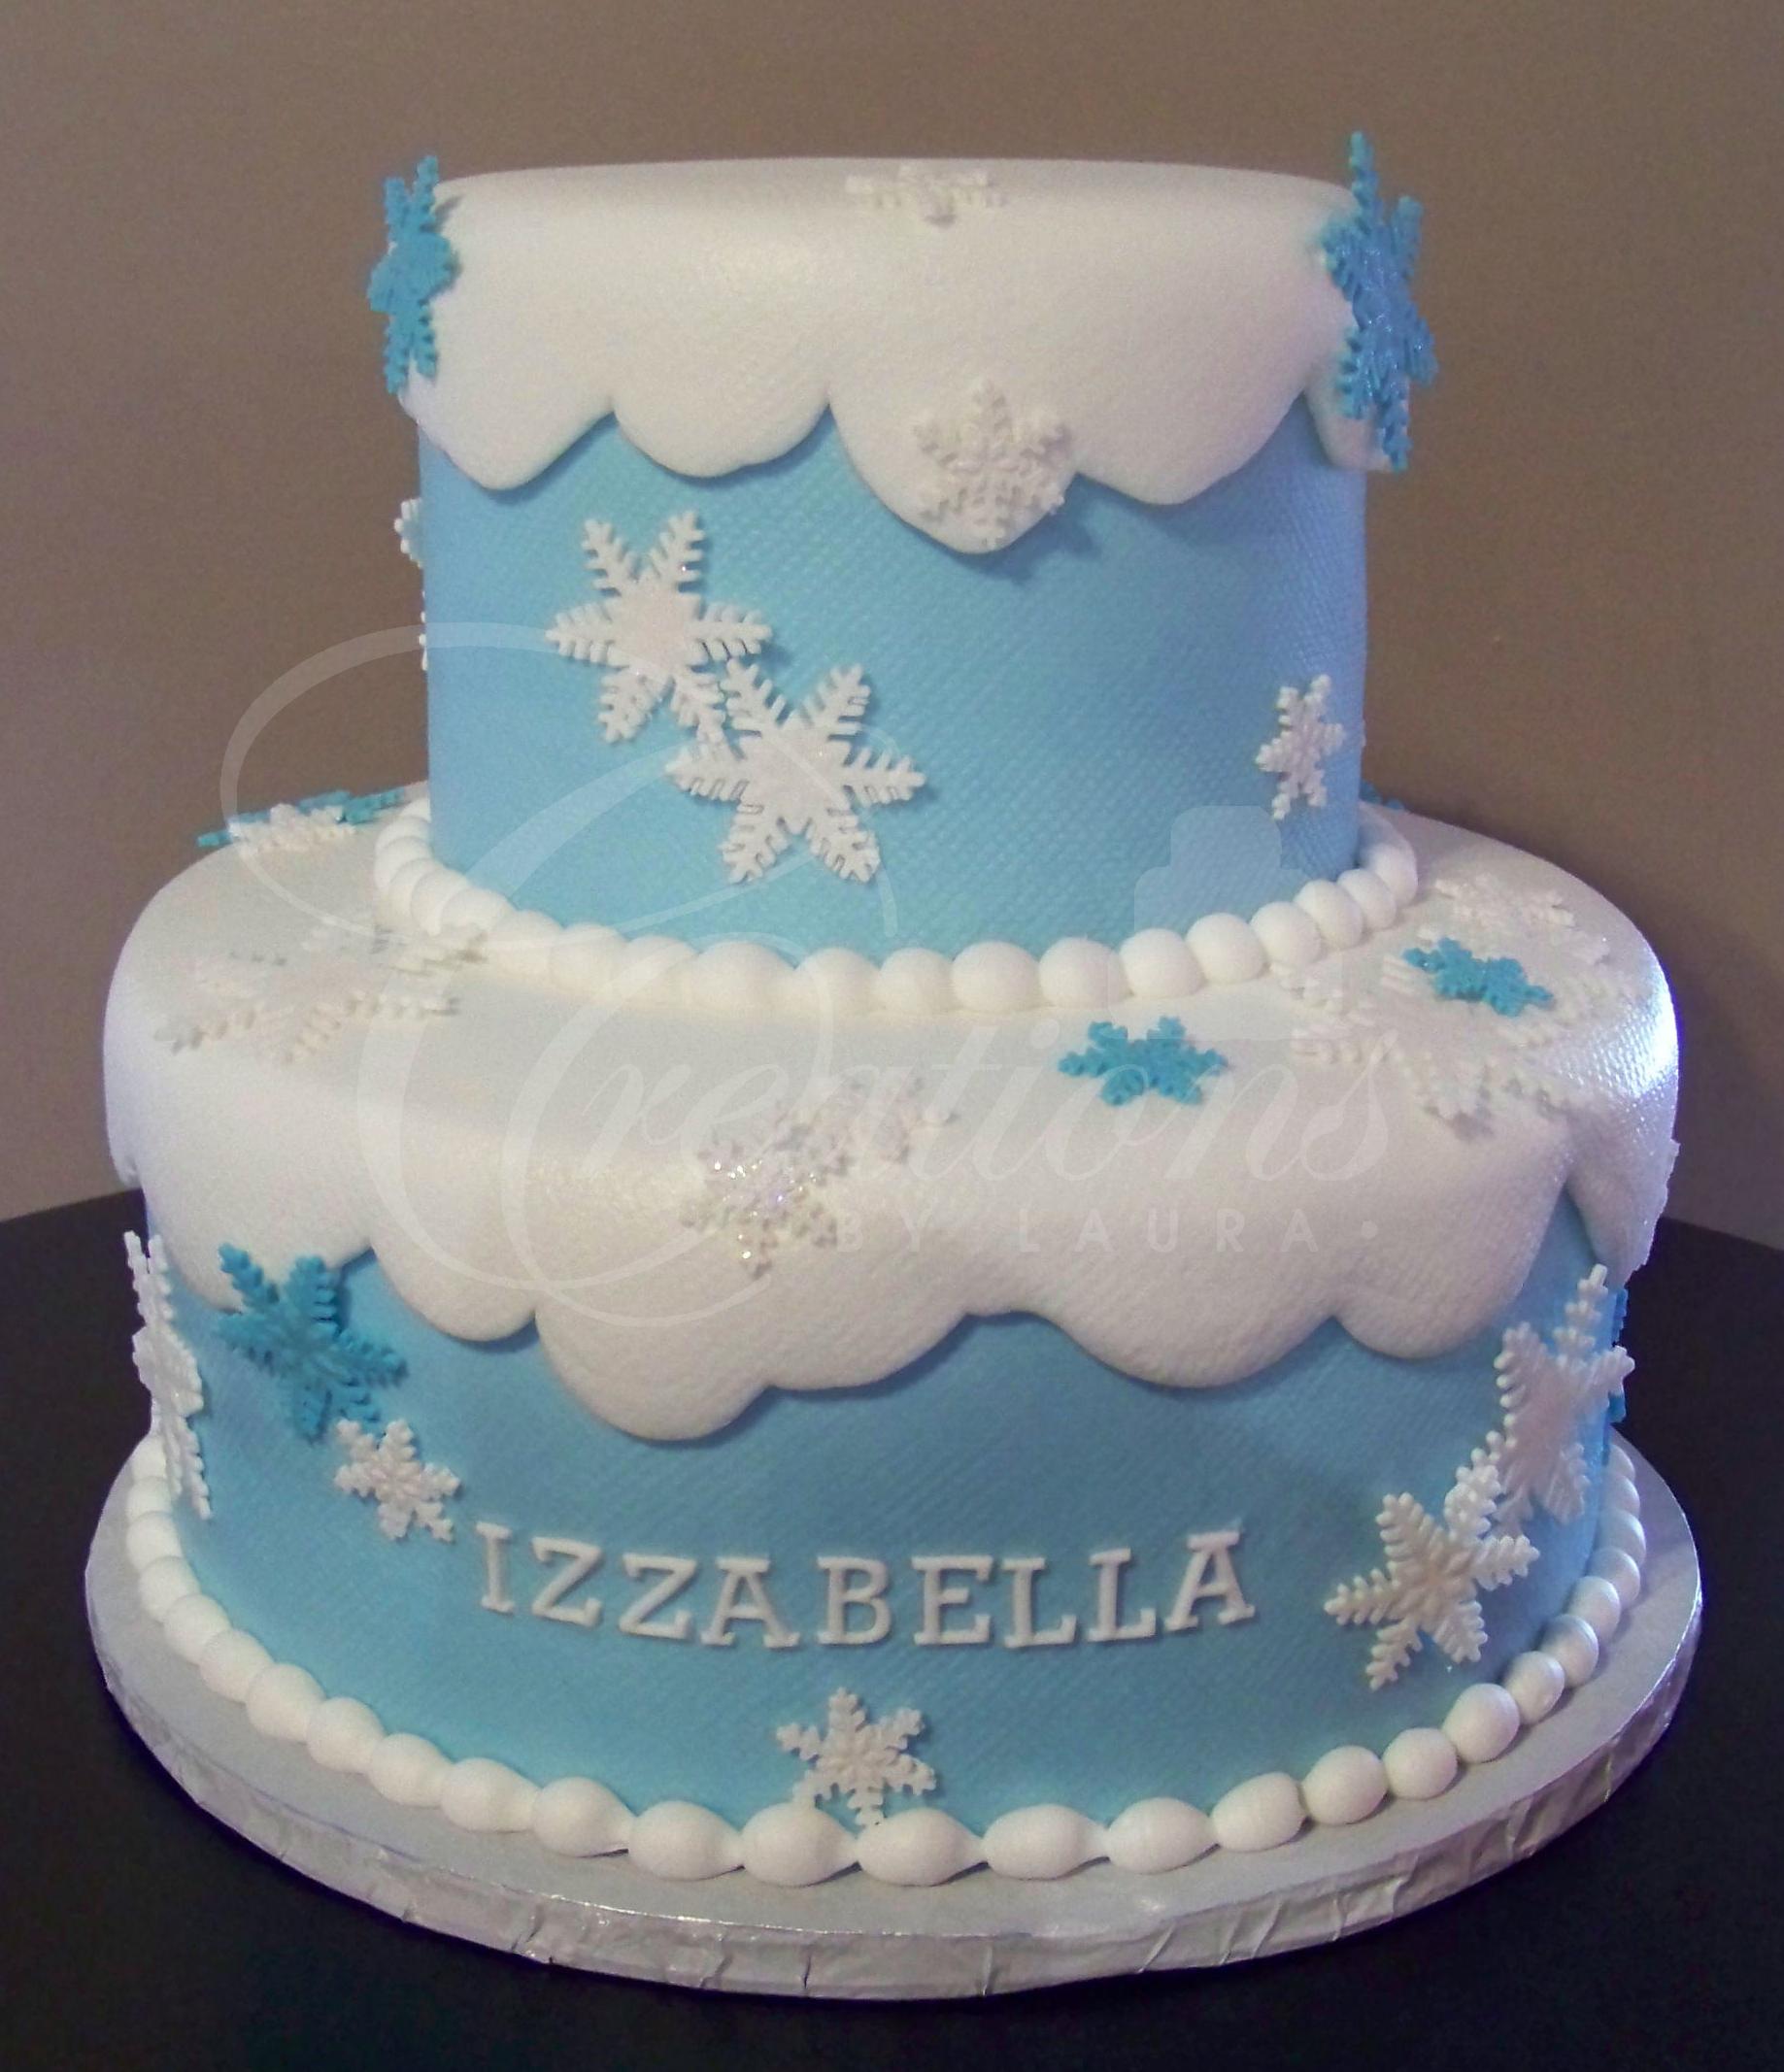 Phenomenal 9 Birthday Cakes Red Snowflakes Photo Christmas Birthday Cake Personalised Birthday Cards Beptaeletsinfo